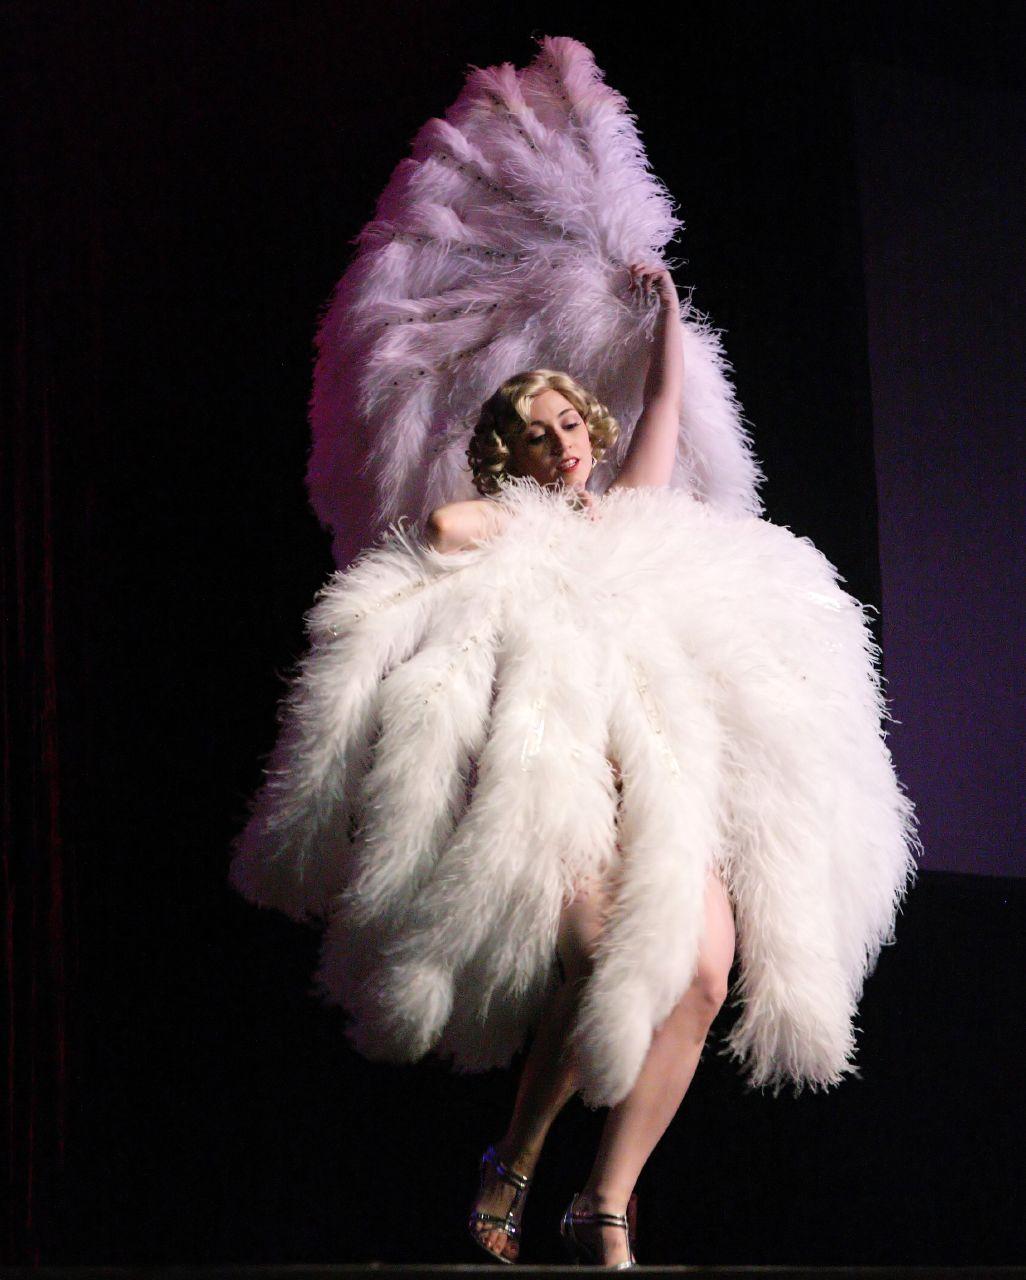 http://1.bp.blogspot.com/_FYHycwThyuw/TVAafGokmbI/AAAAAAAAB9A/Lp0SJM-oRU8/s1600/burlesque010.jpg